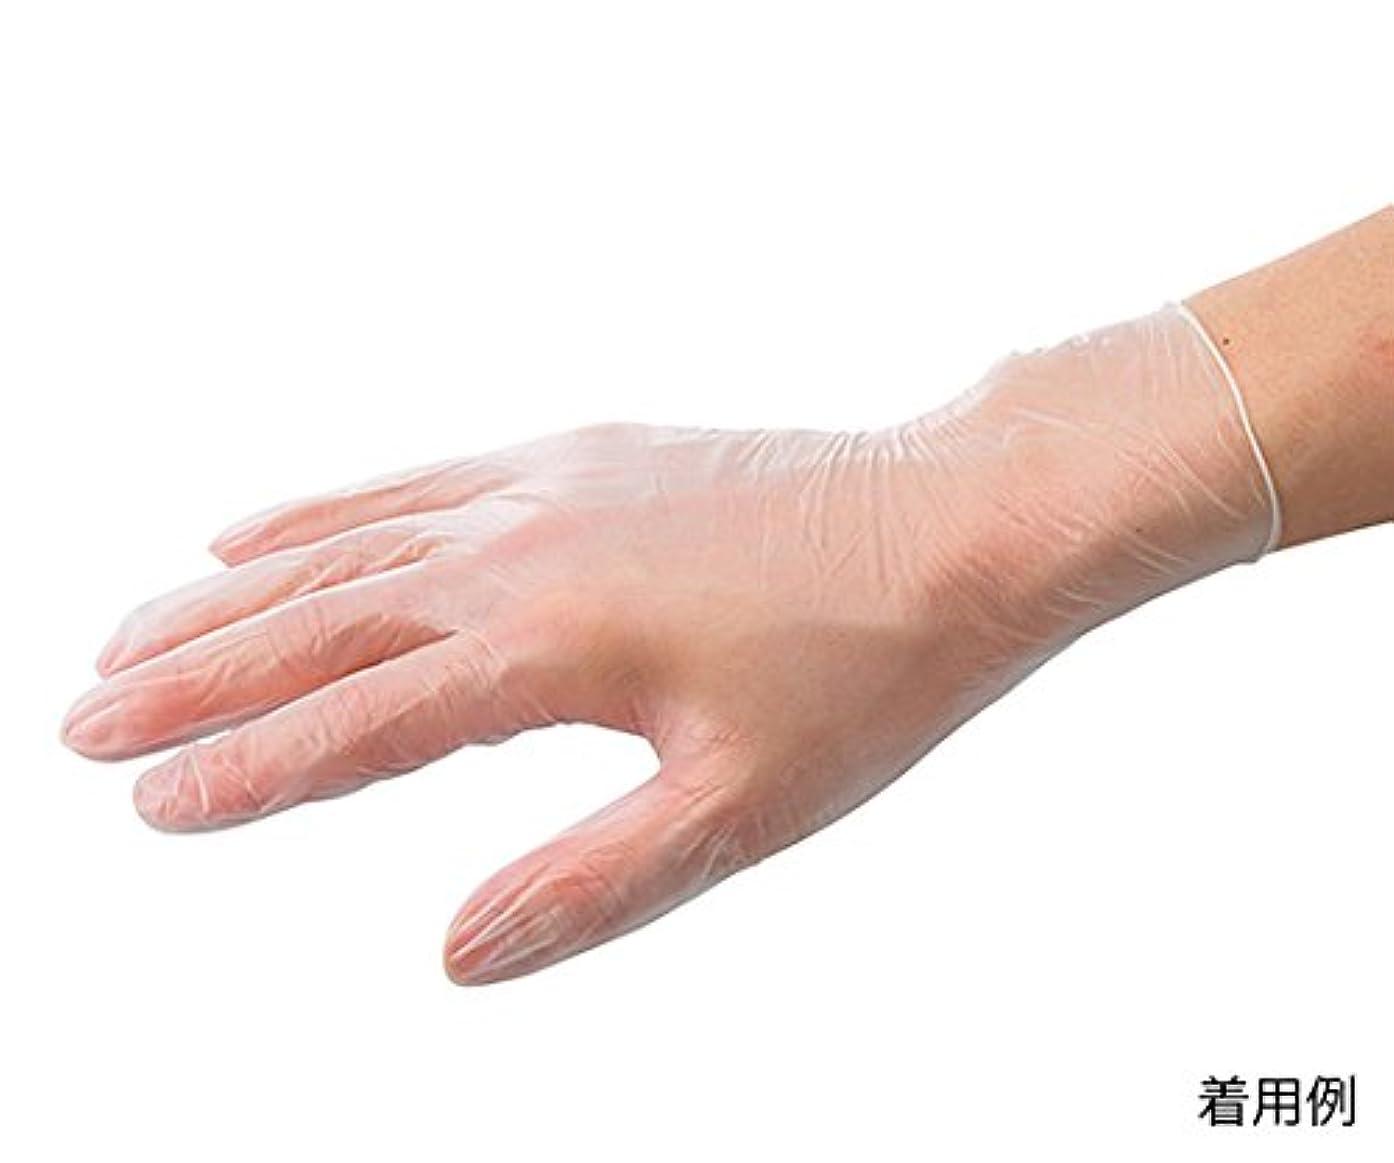 海触覚イタリアのARメディコム?インク?アジアリミテッド7-3727-03バイタルプラスチック手袋(パウダー付き)L150枚入